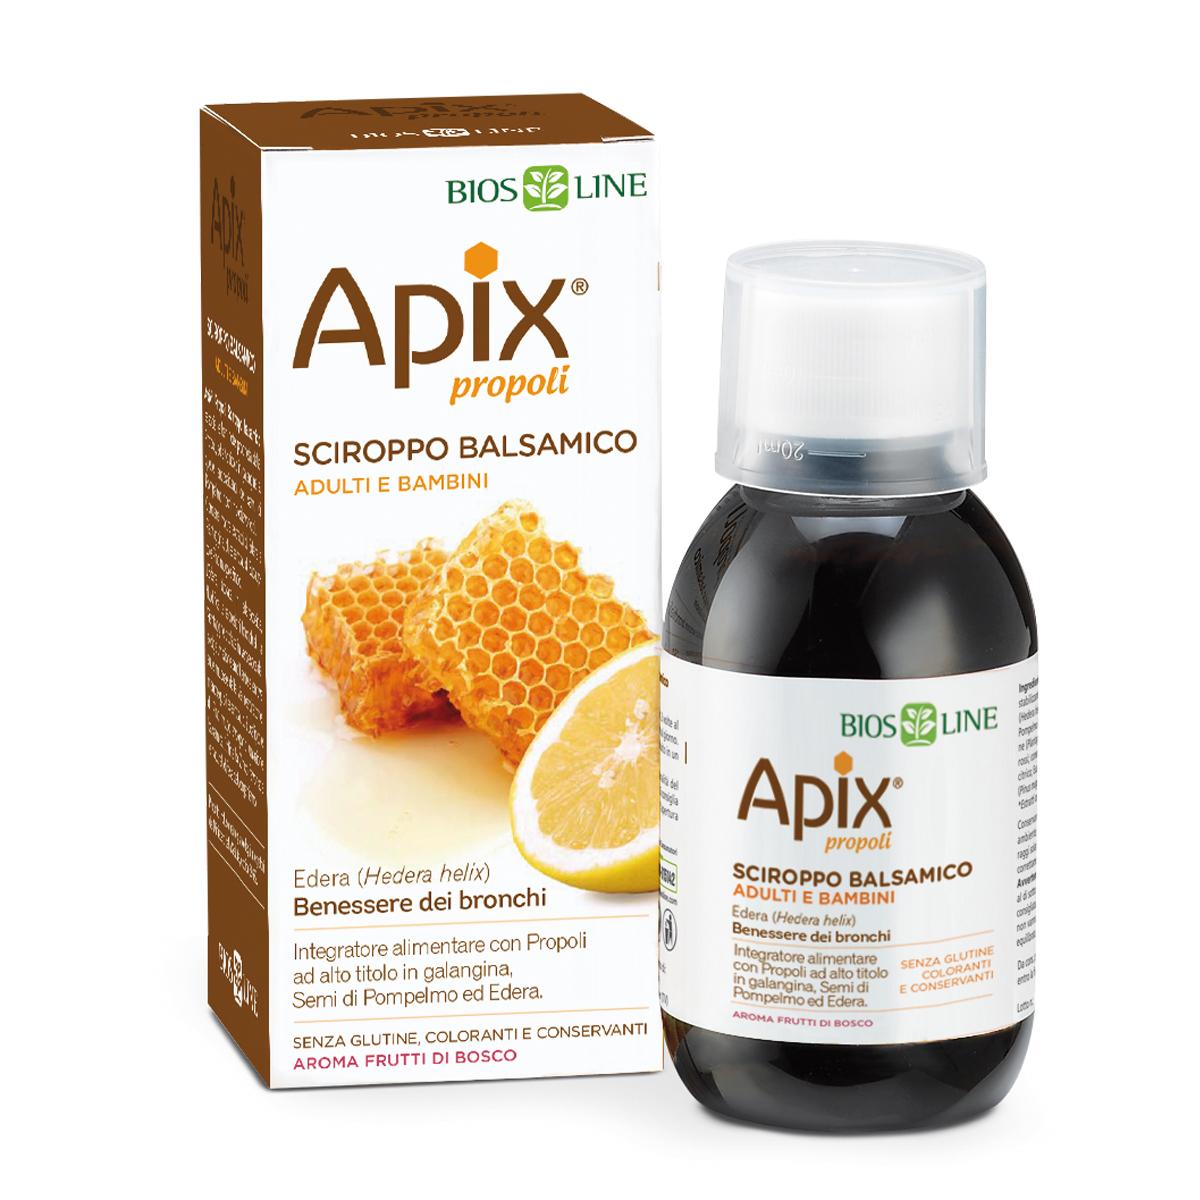 Apix Propoli Sciroppo Balsamico